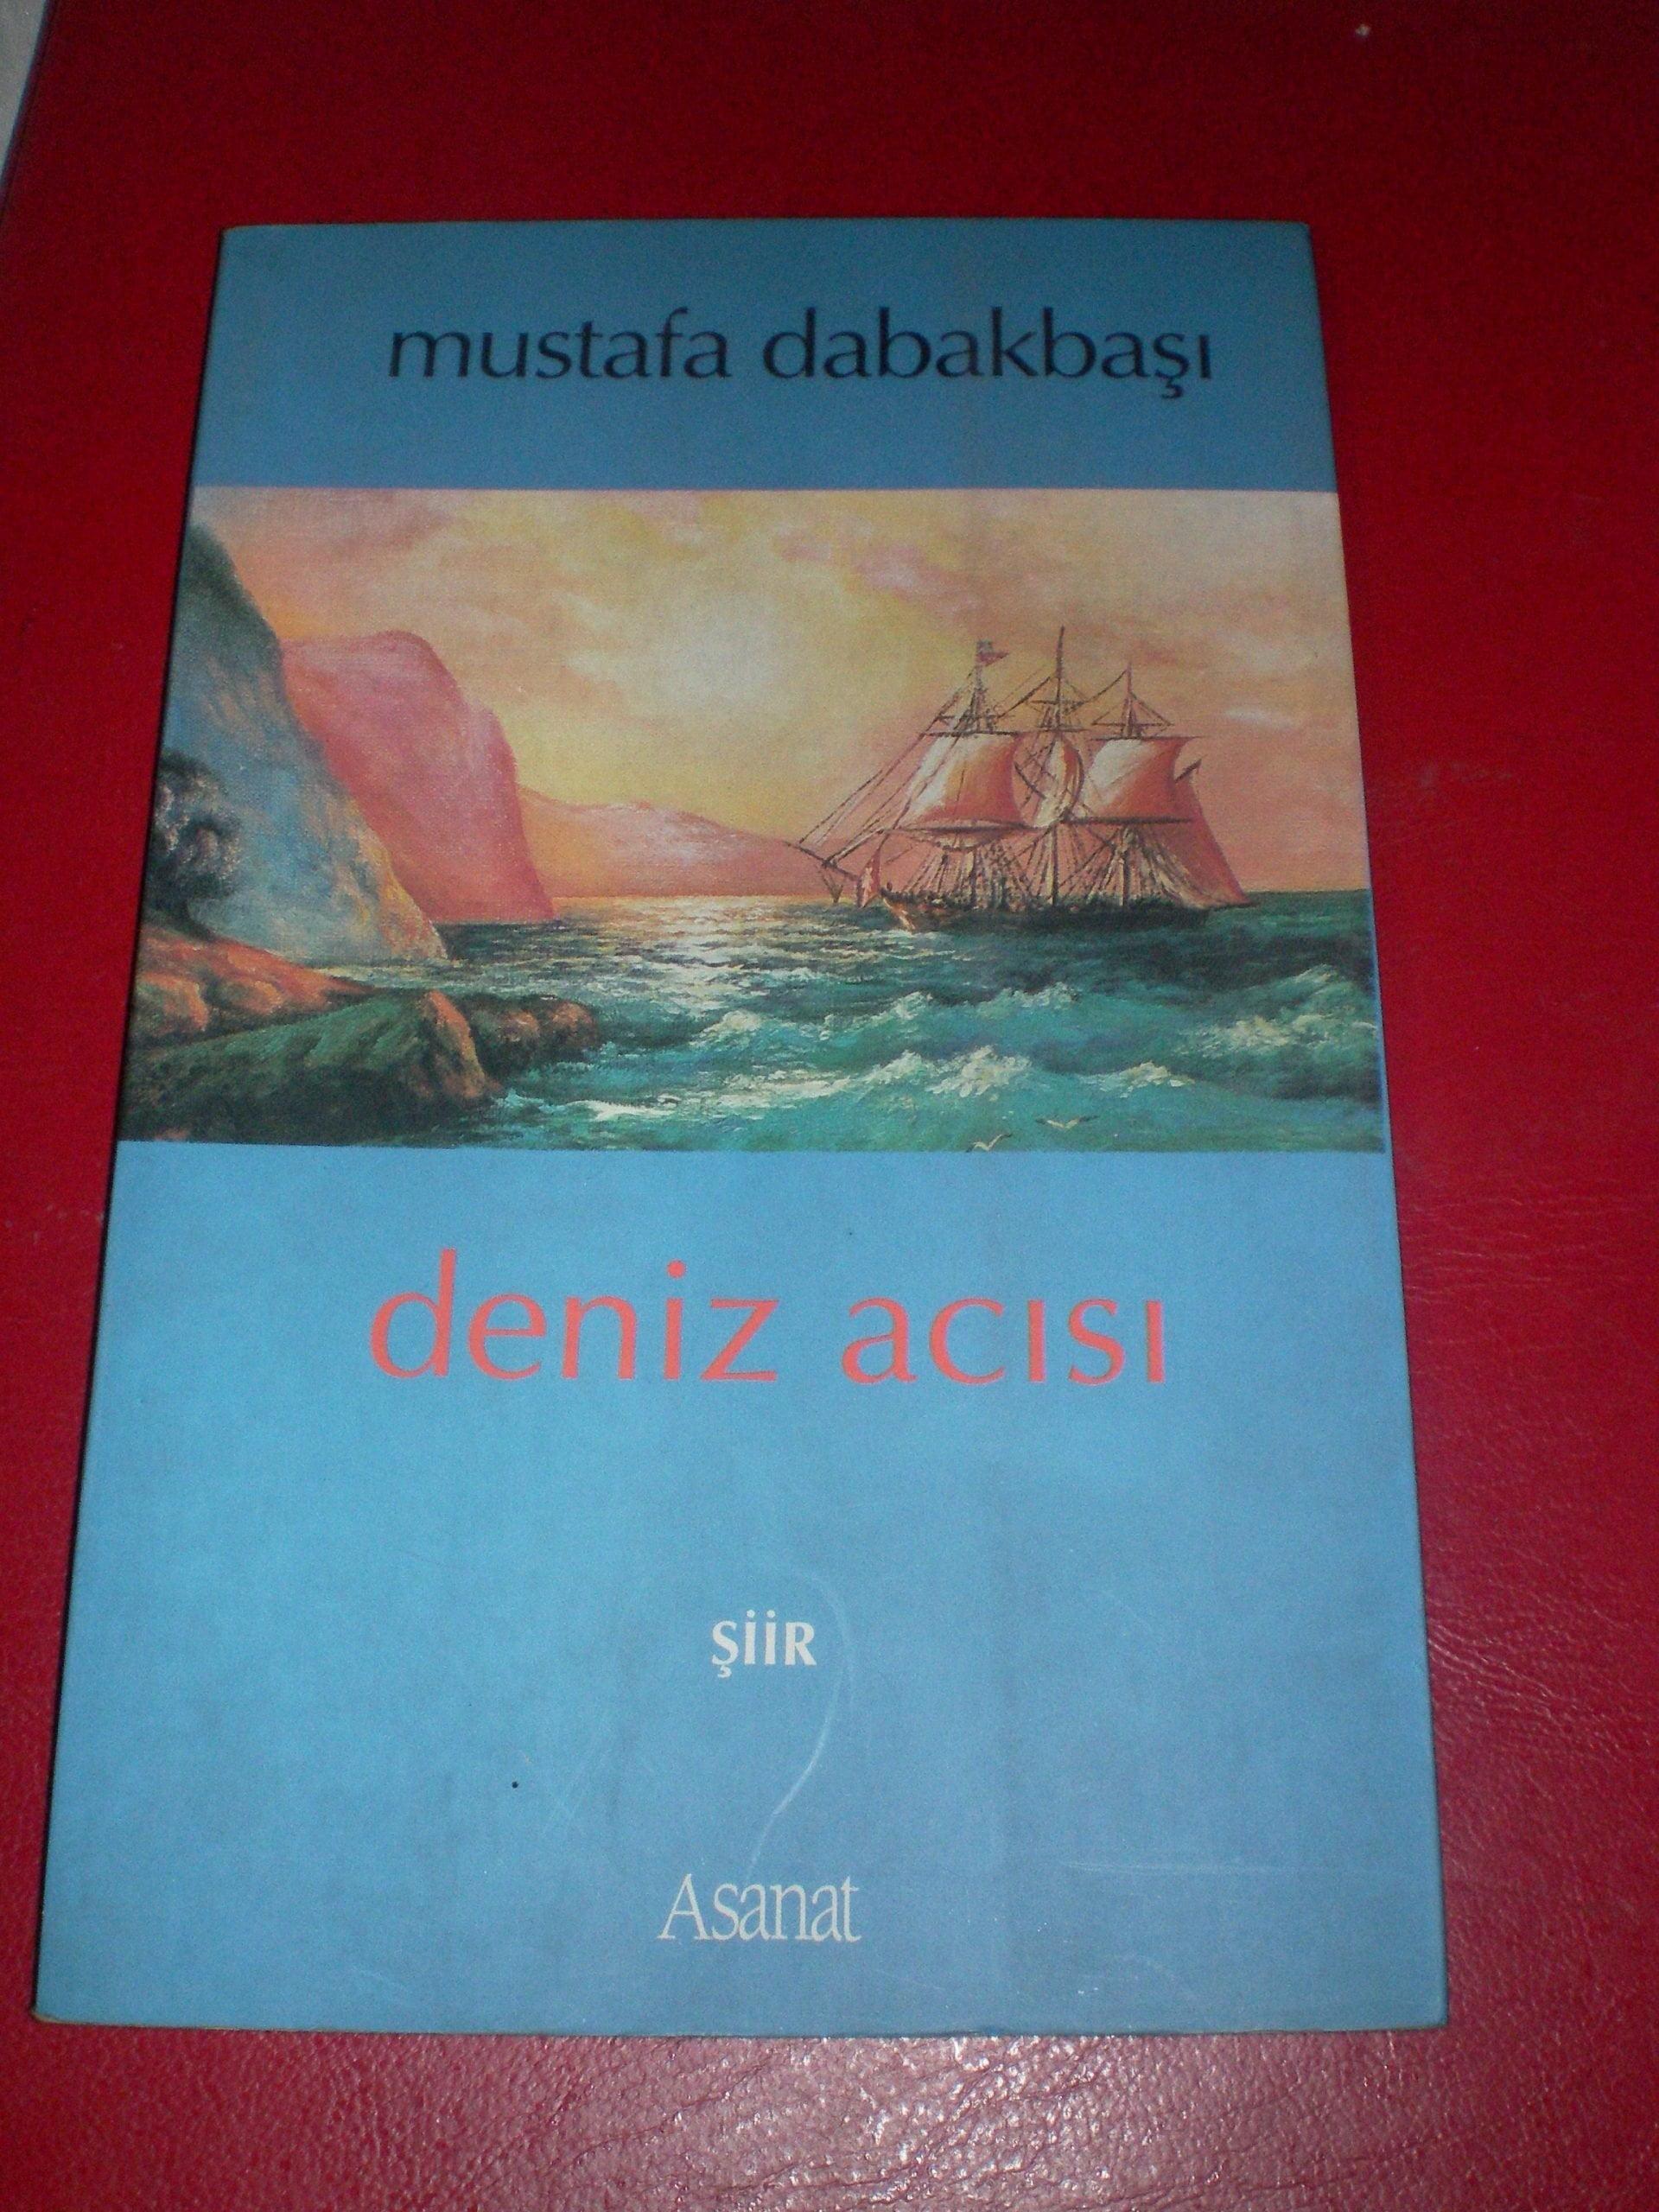 DENİZ ACISI/Mustafa Dabakbaşı/ 3 tl(satıldı)